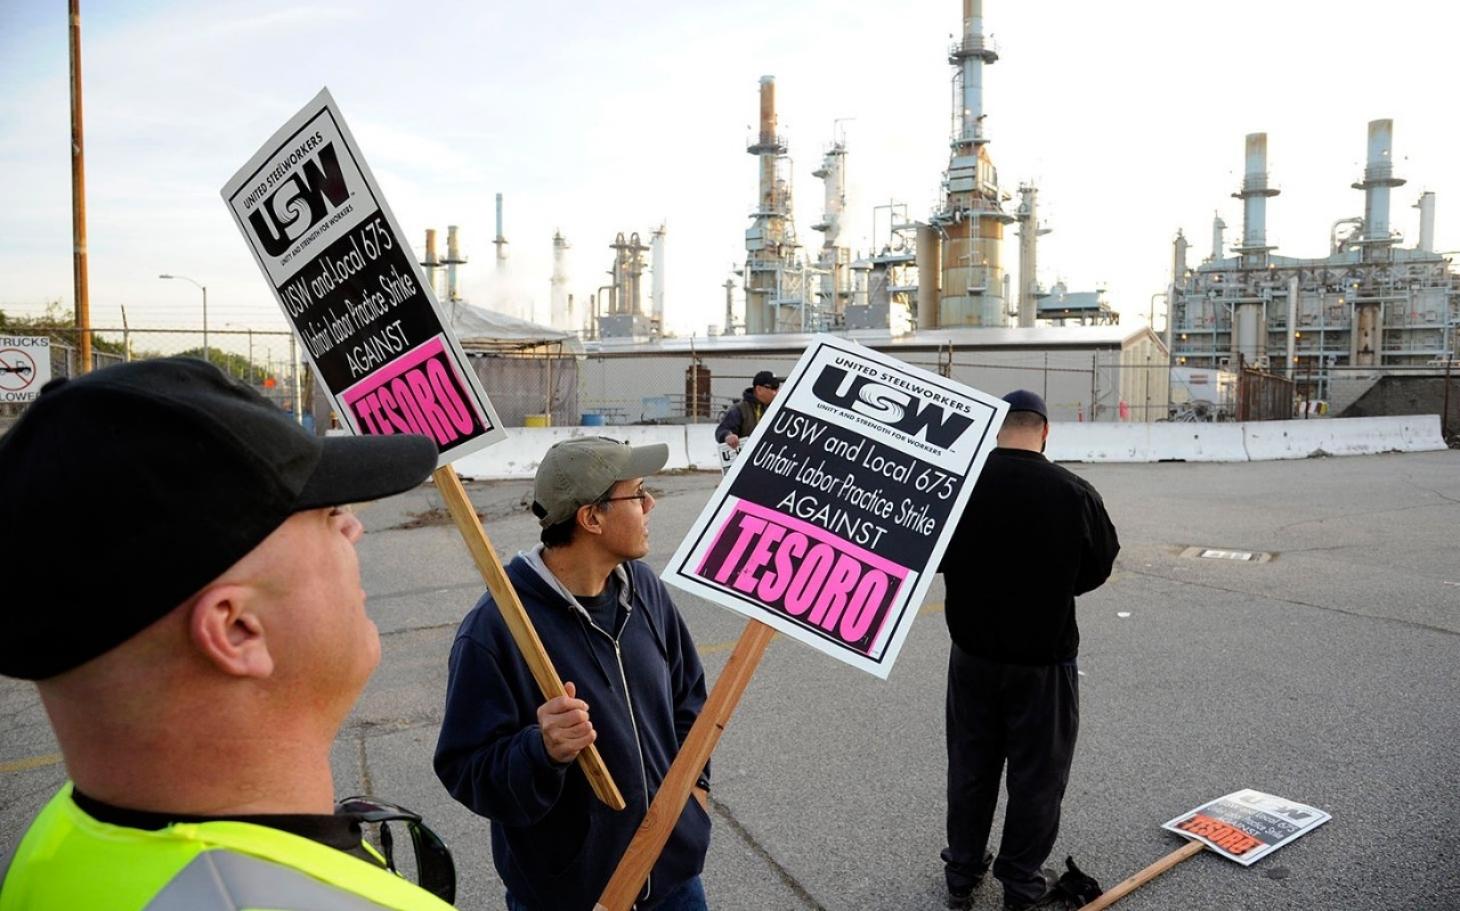 Workers Strike at California Oil Refinery | Al Jazeera America